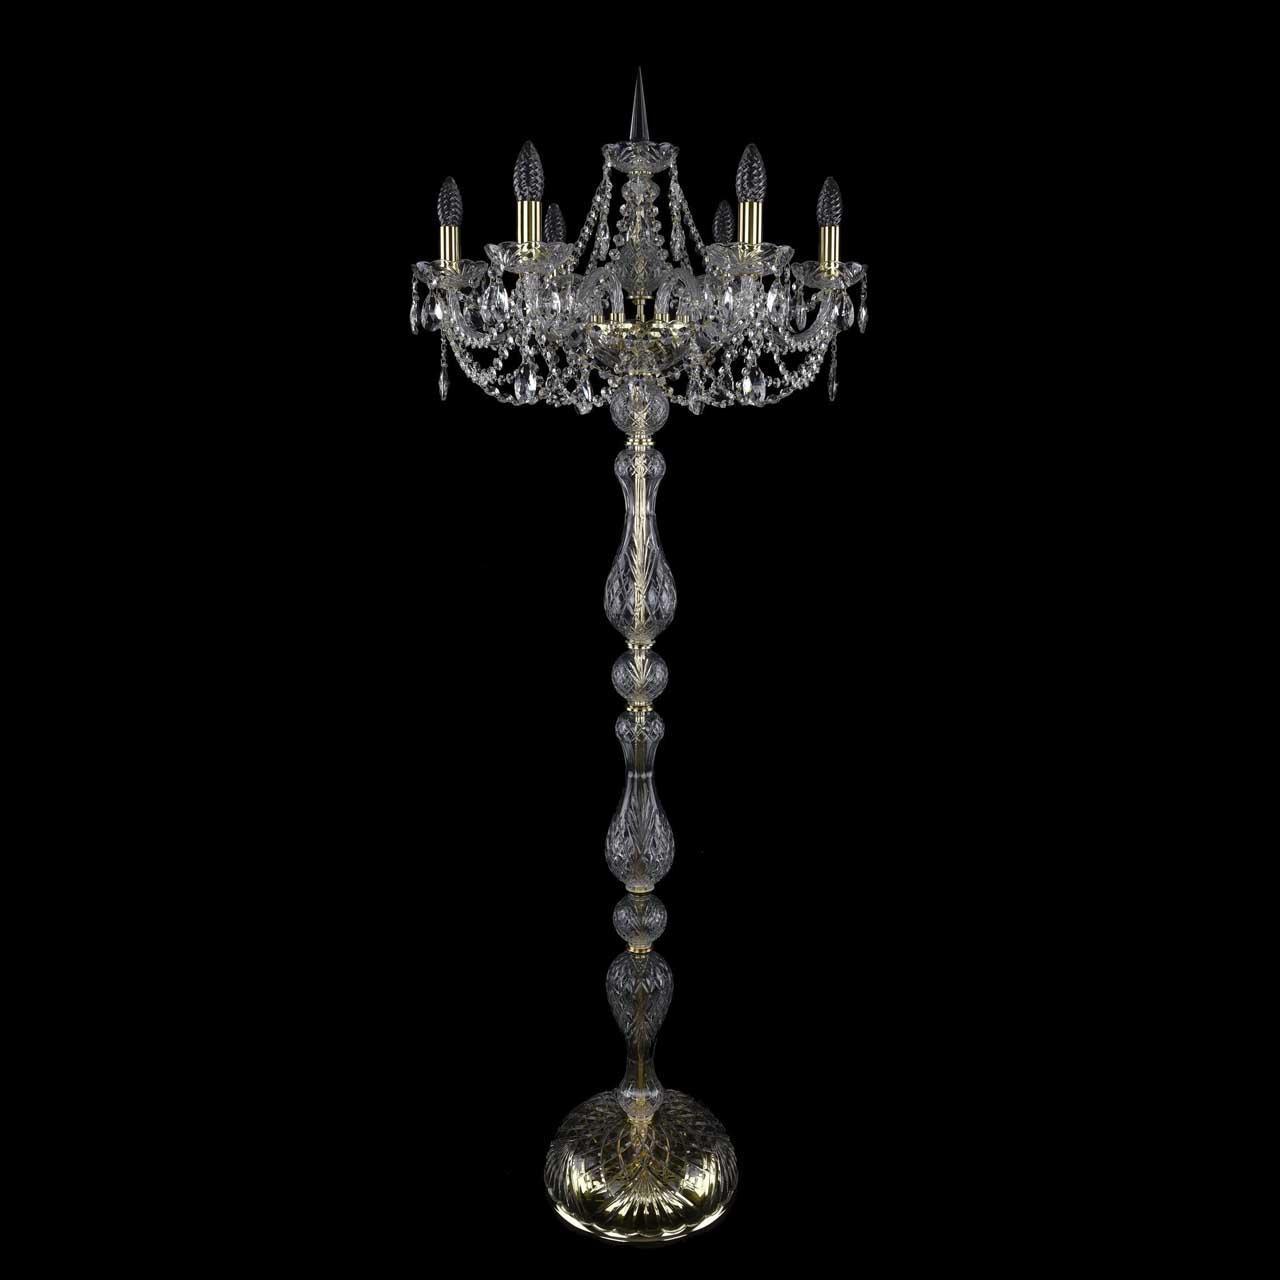 Торшер в виде свечей с хрустальными подвесками